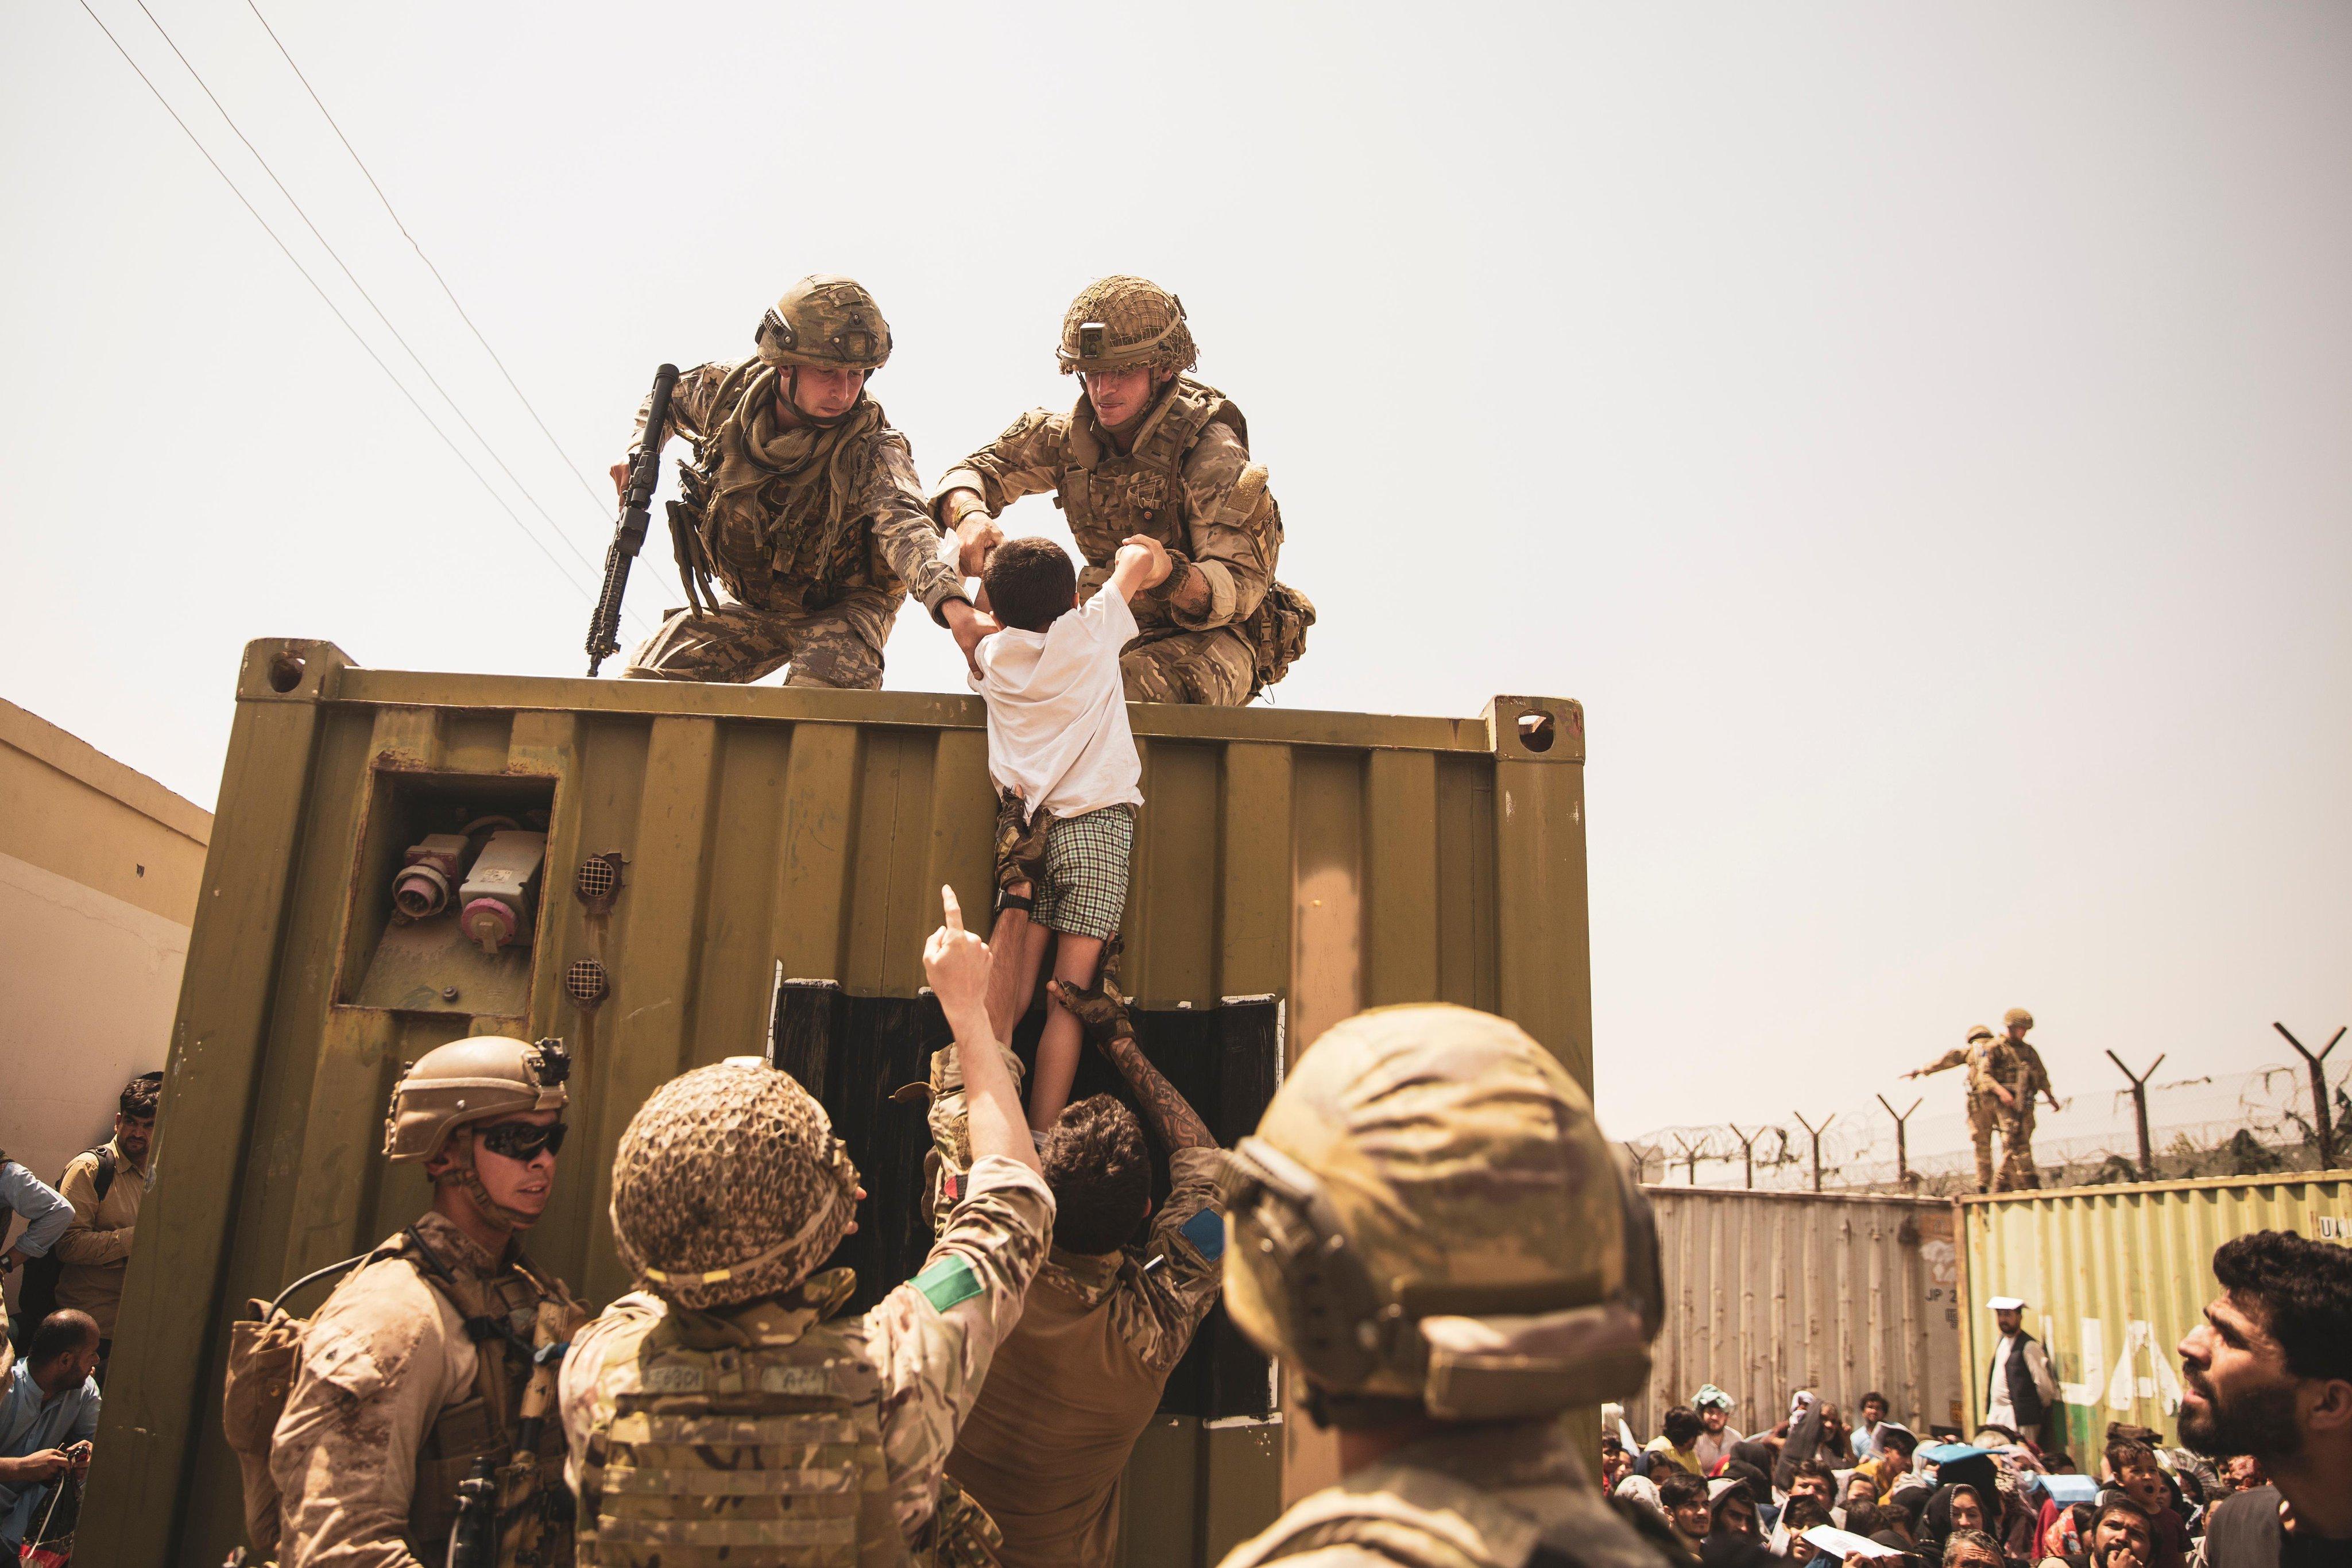 陸戰隊員在喀布爾機場協助撤離工作。(圖/翻攝自Twitter@USMC)